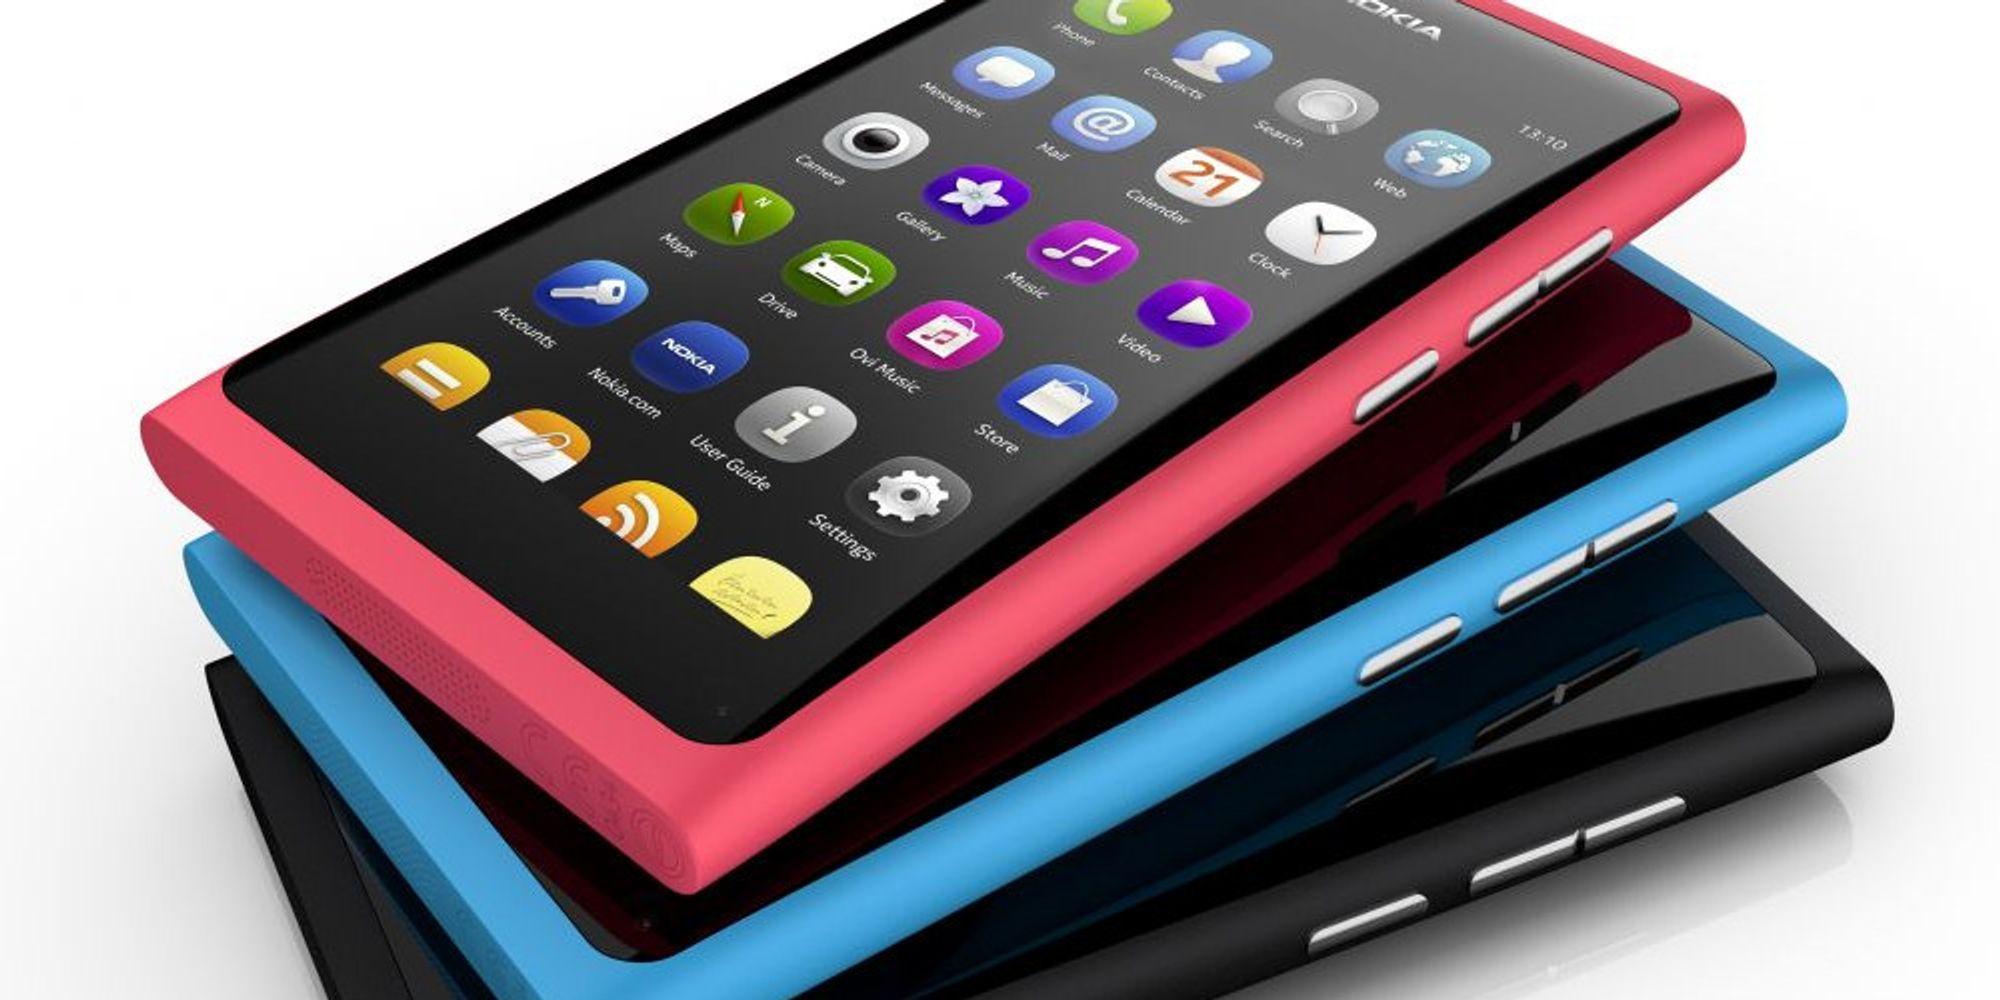 Alt du trenger vite om Nokia N9